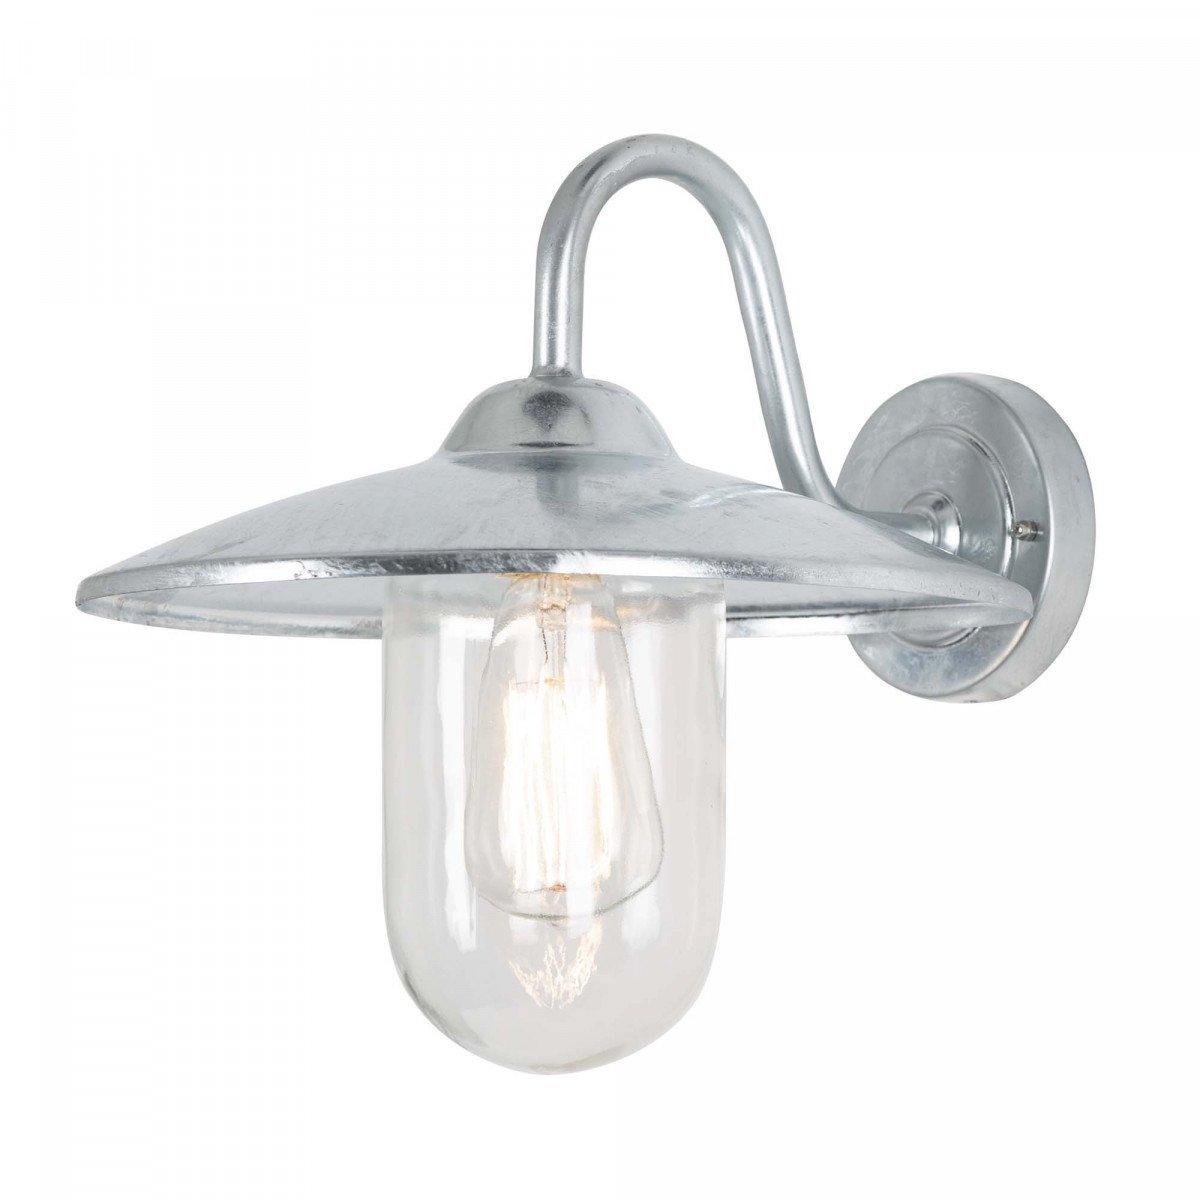 Buitenlamp Brig gegalvaniseerd, zinken stallamp, buitenverlichting van KS Verlichting